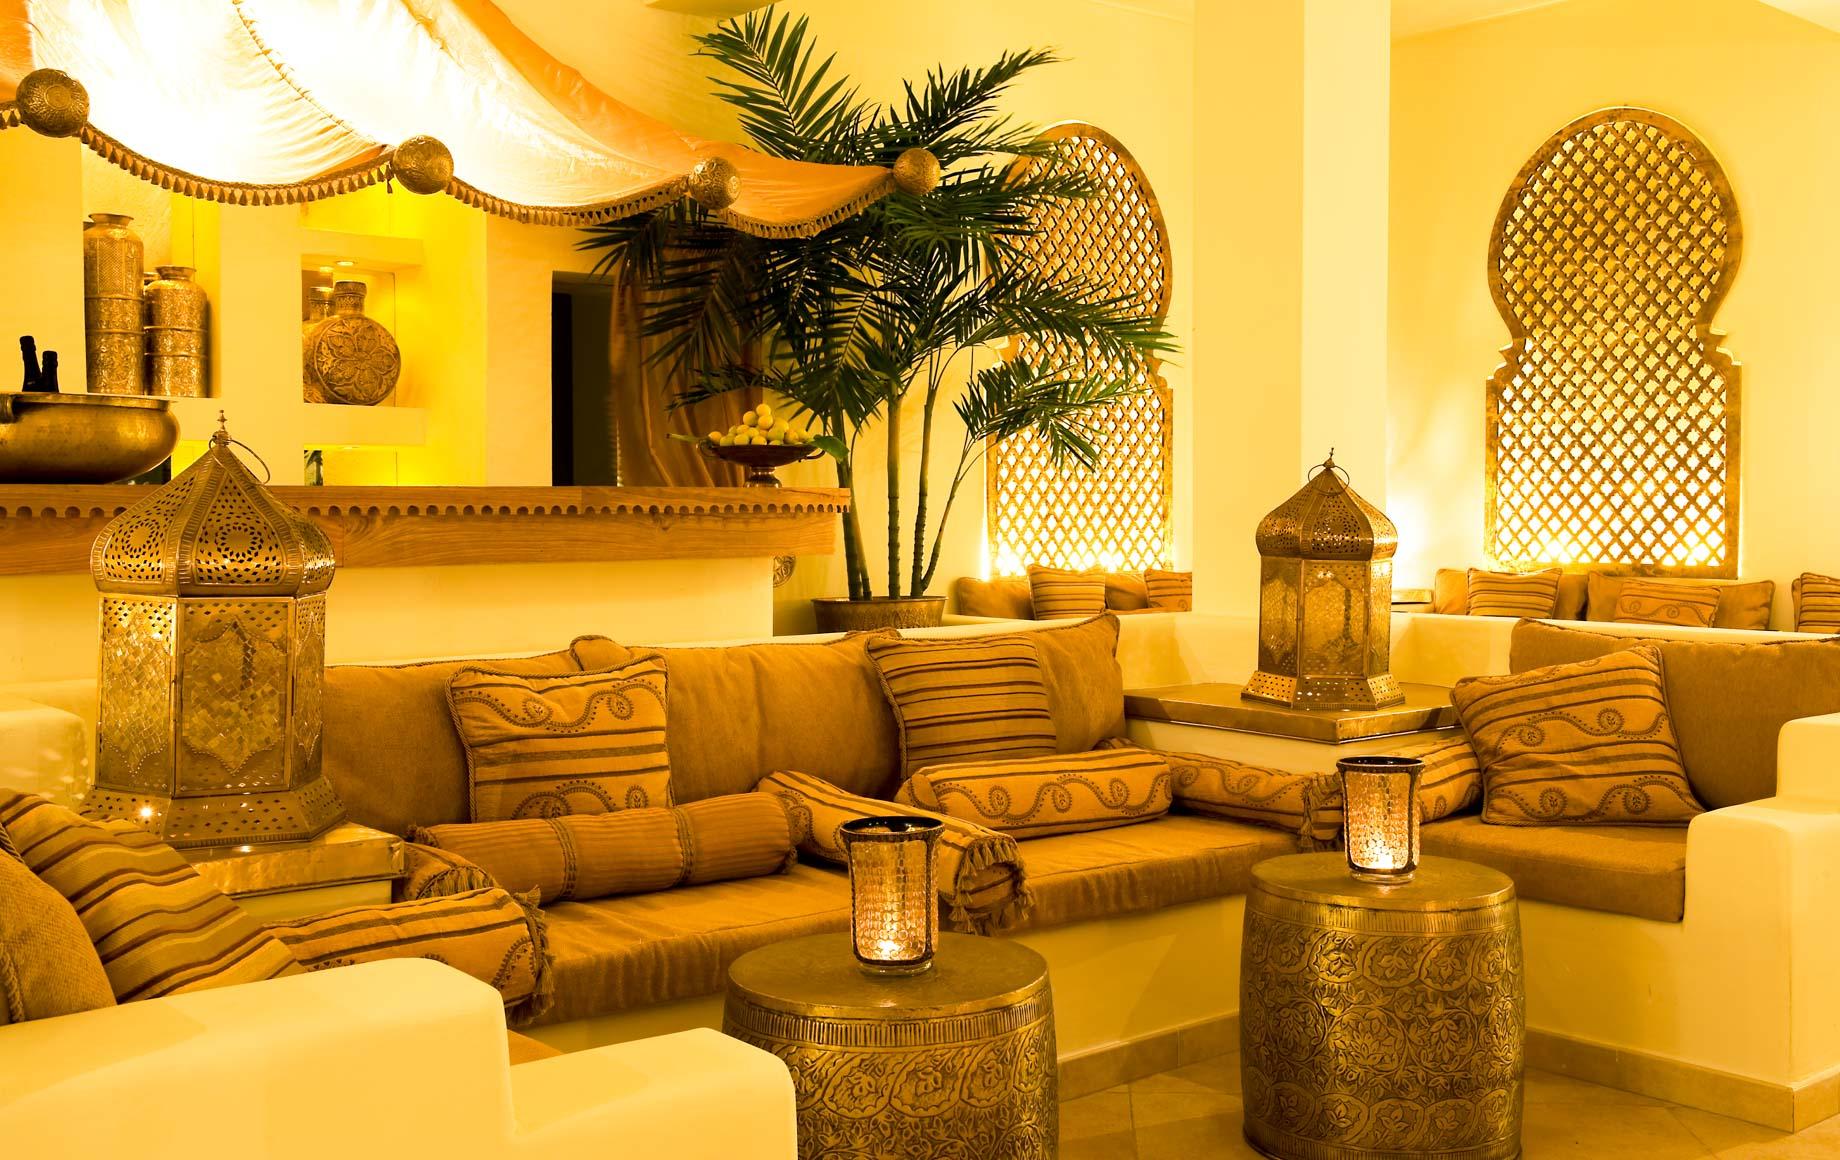 Interior seating area at Baraza Resort & Spa